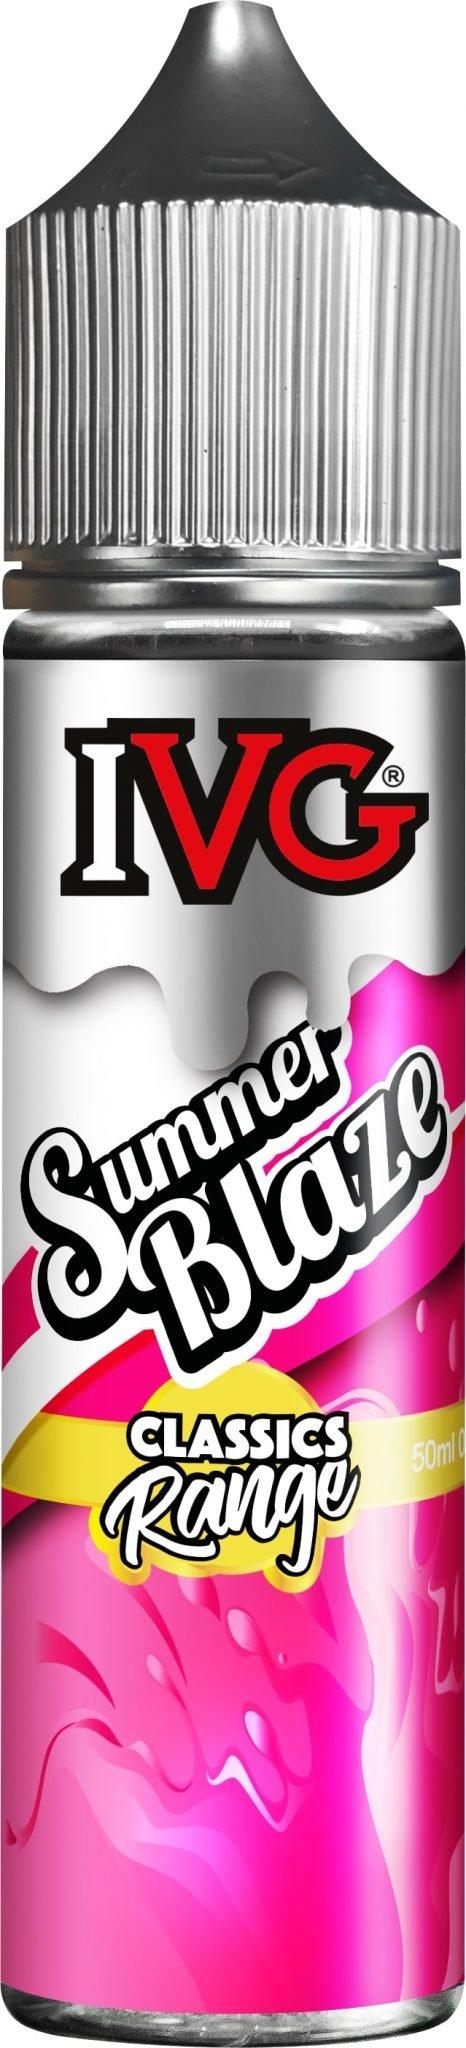 IVG Summer Blaze UK